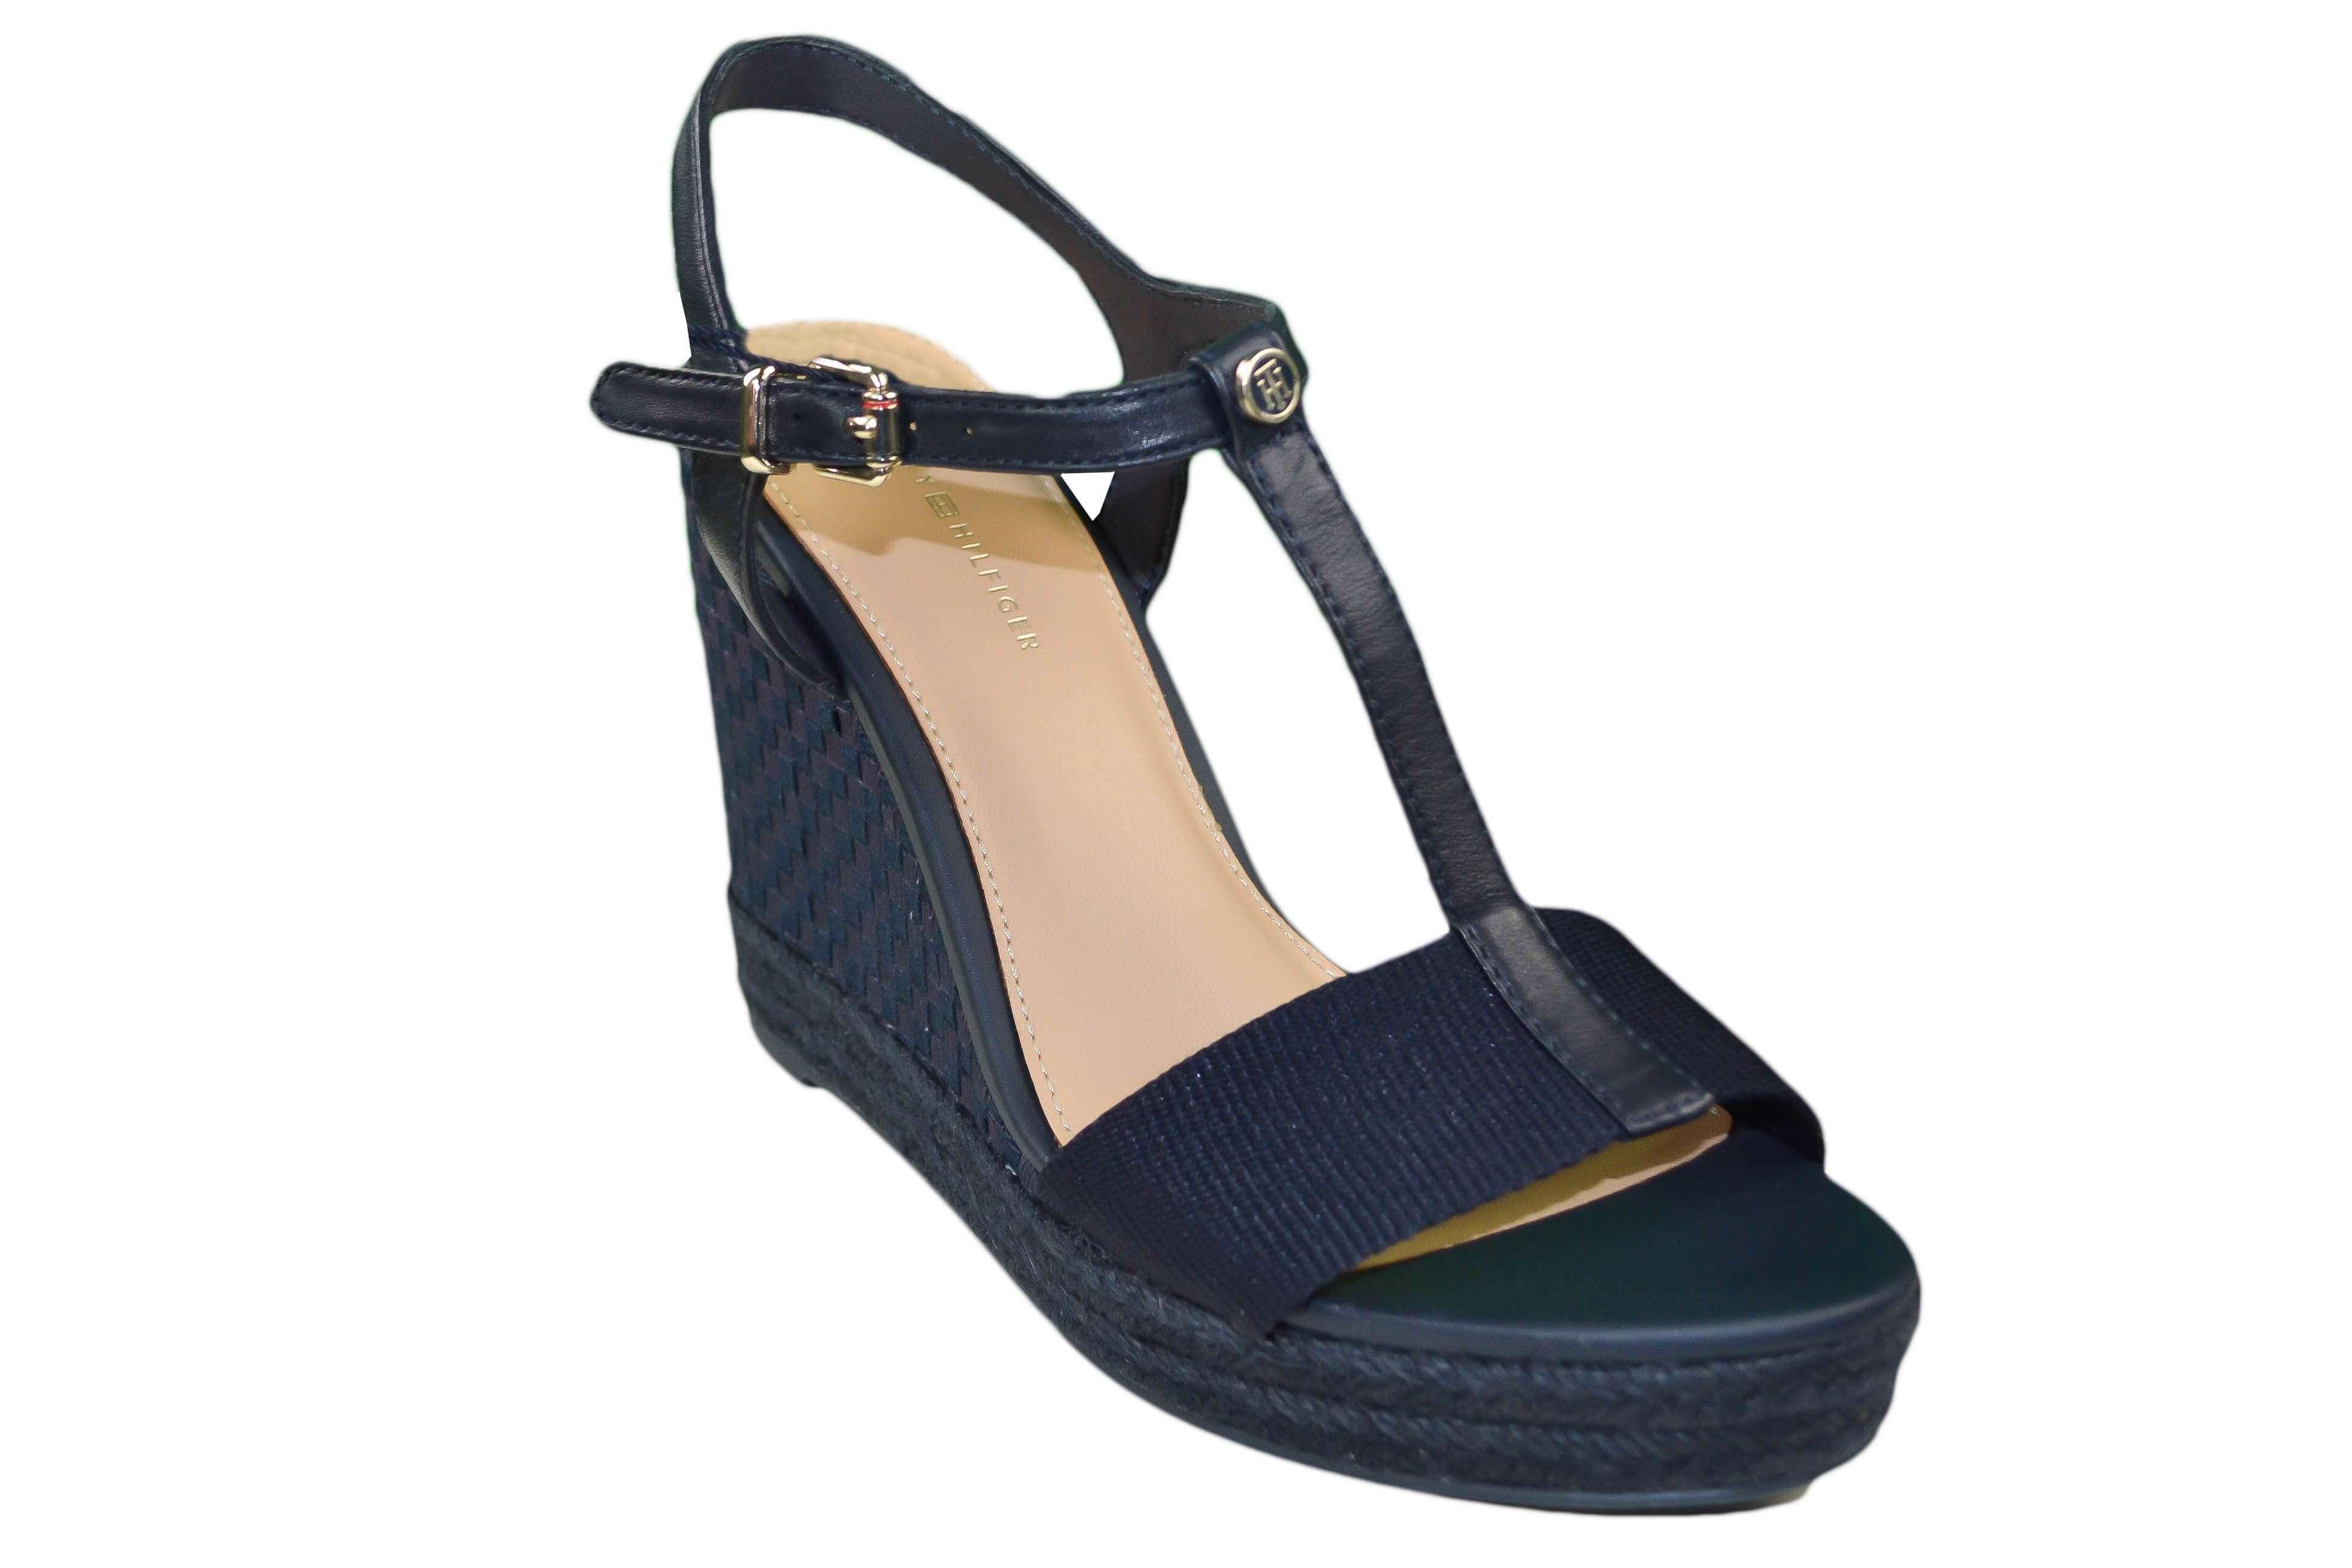 e0c81811287 Chaussures compensées Tommy Hilfiger Elena Pop bleu marine pour fem...